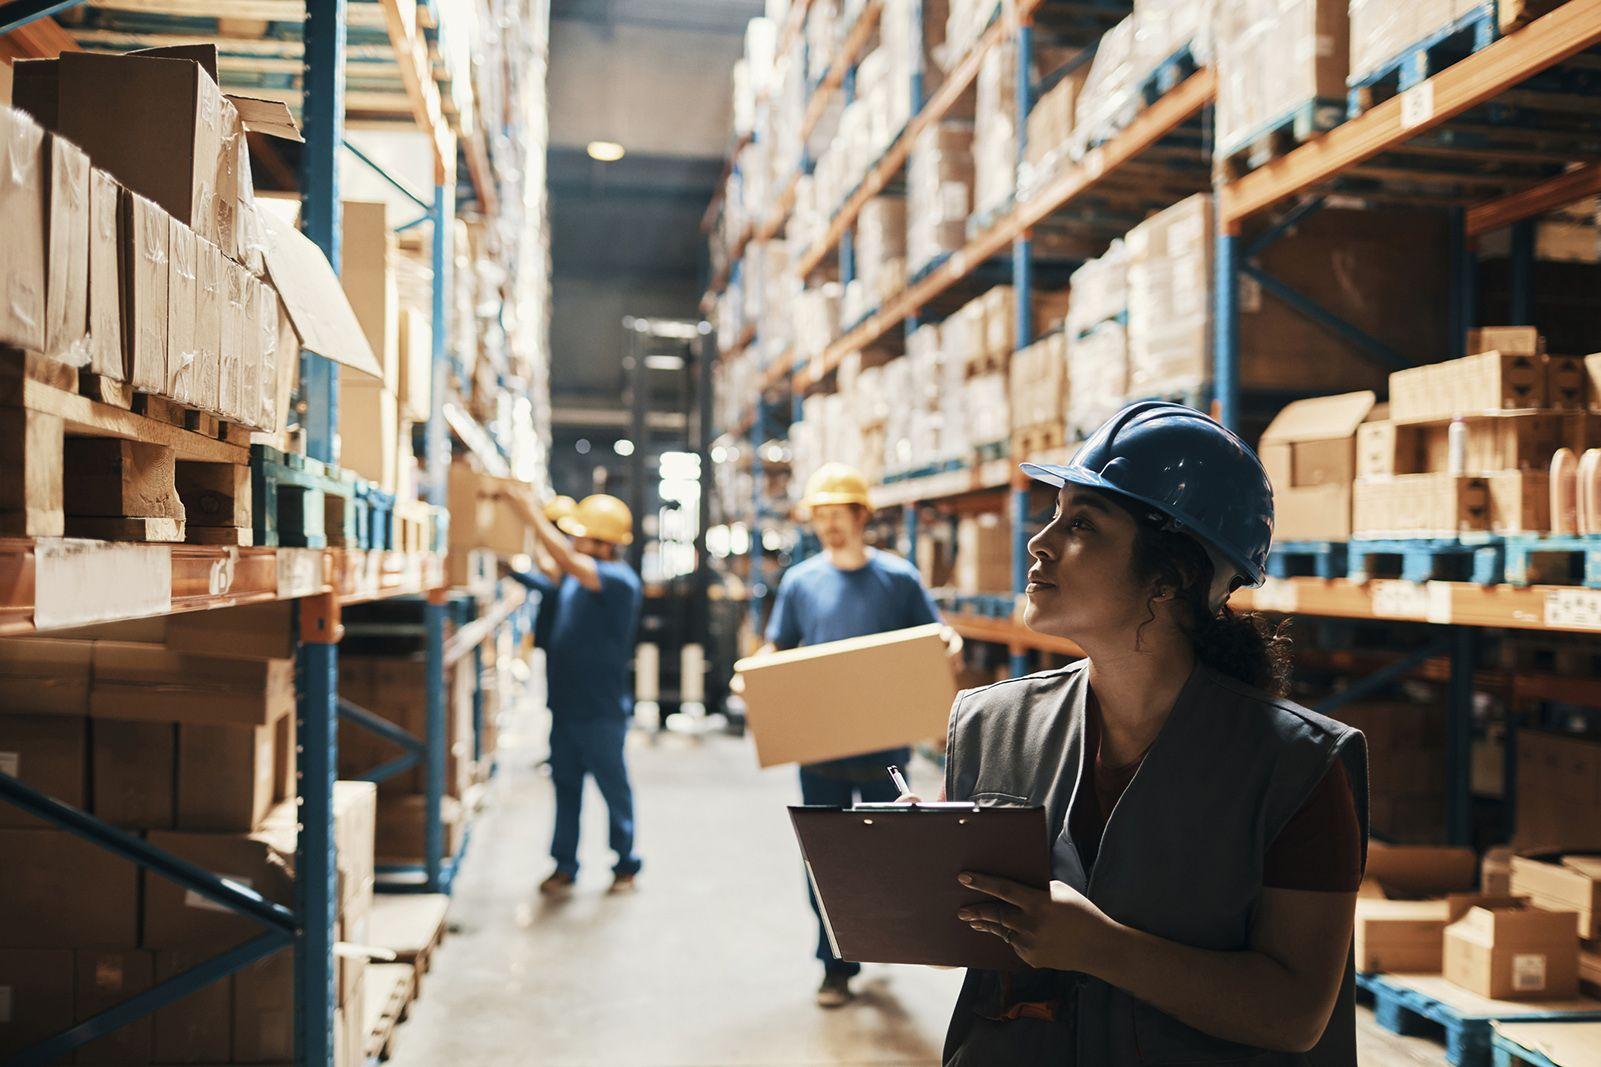 документооборот на складе